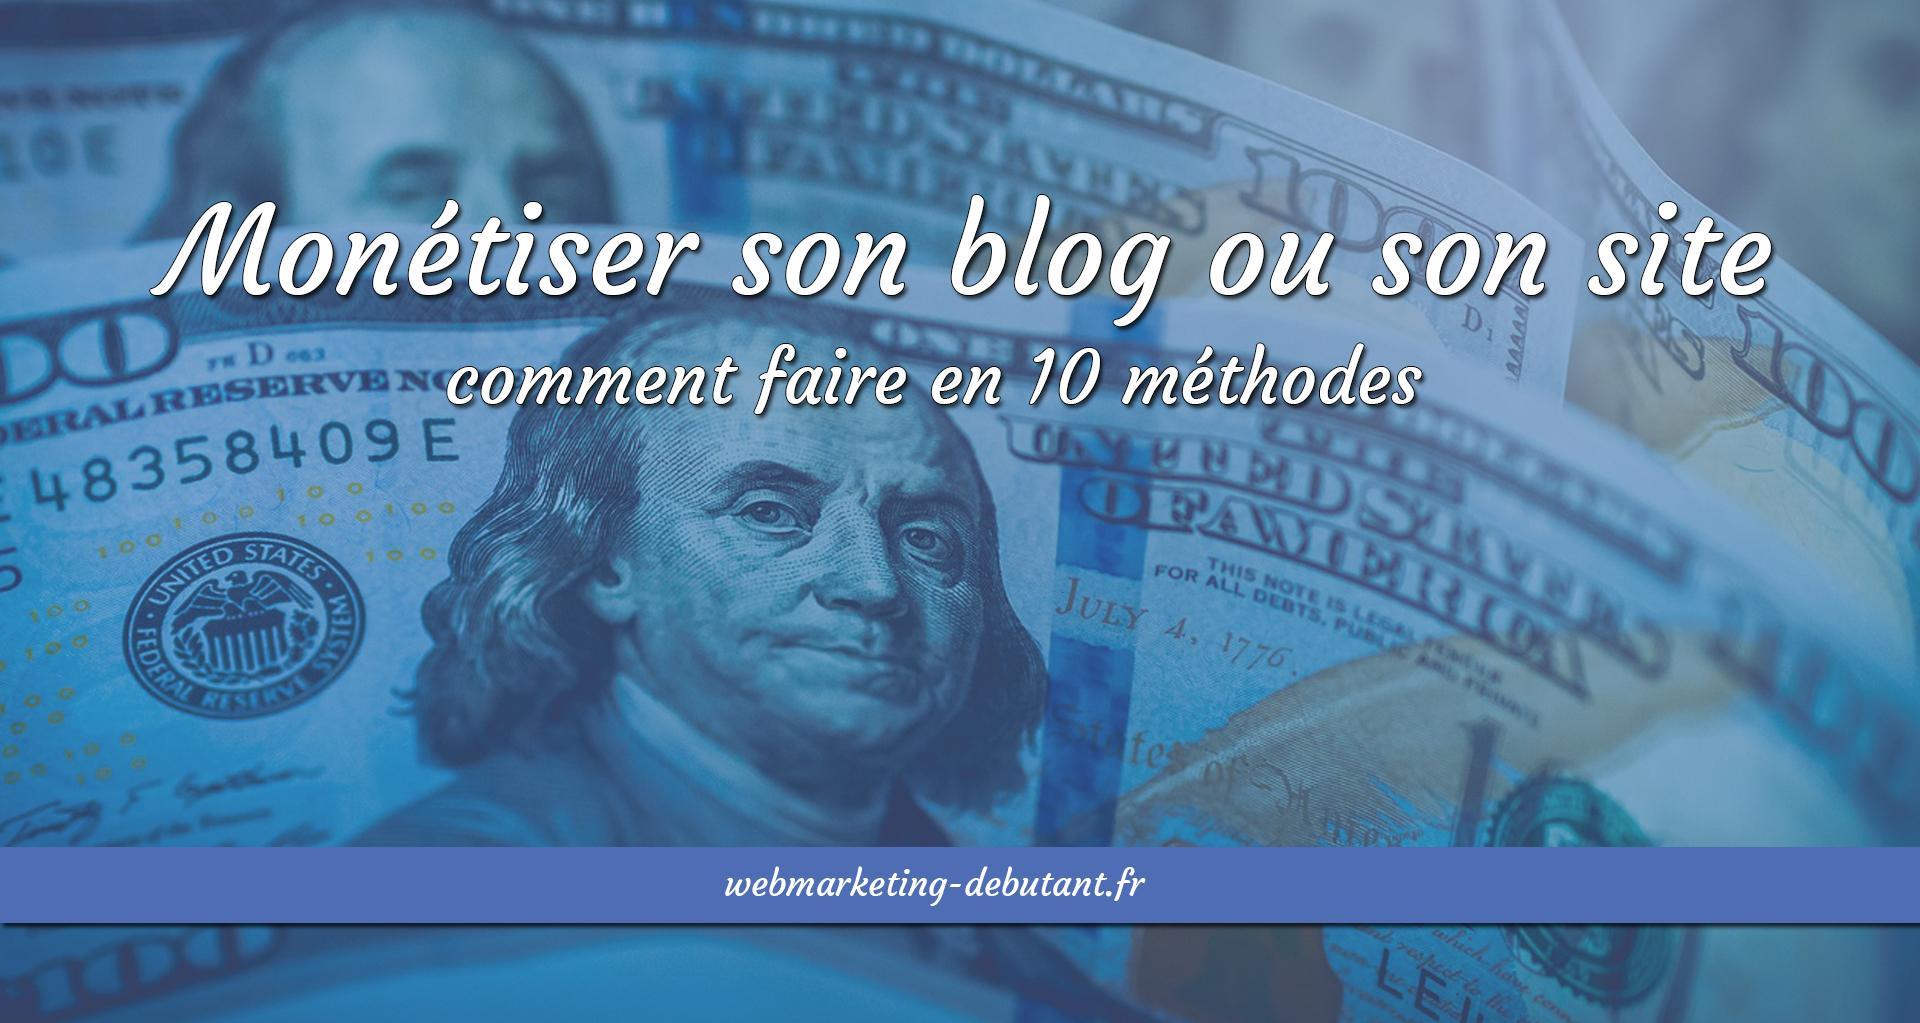 monétiser son blog ou son site